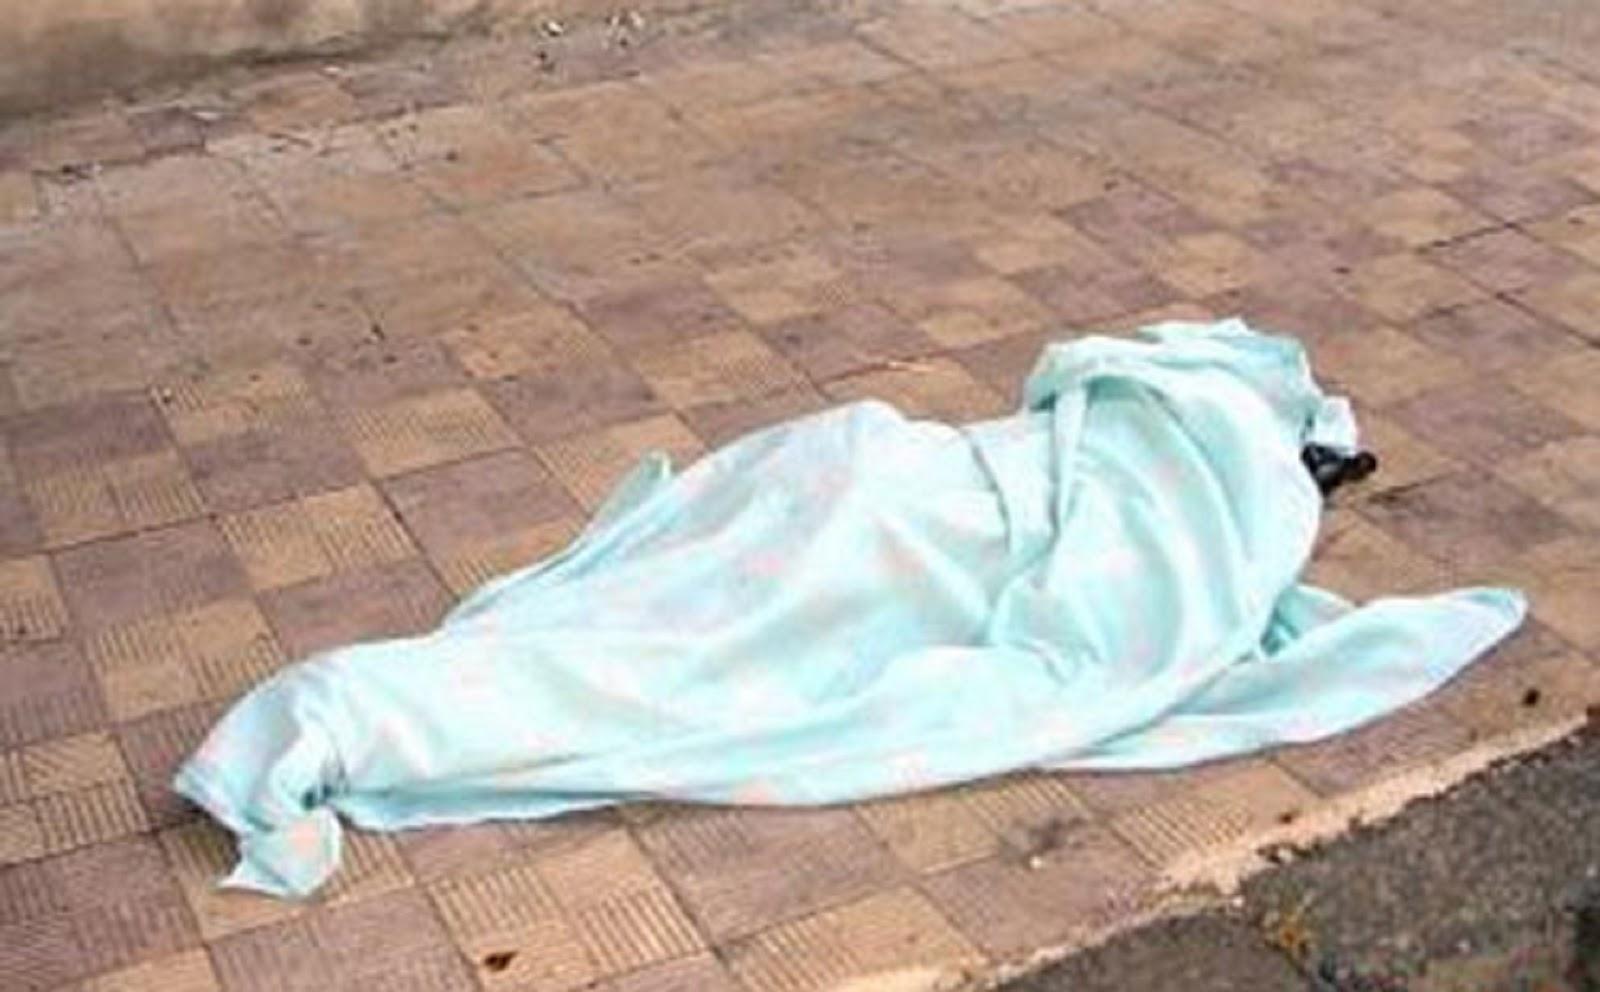 العثور على جثة رجل ميت بالرصاص بالدار البيضاء